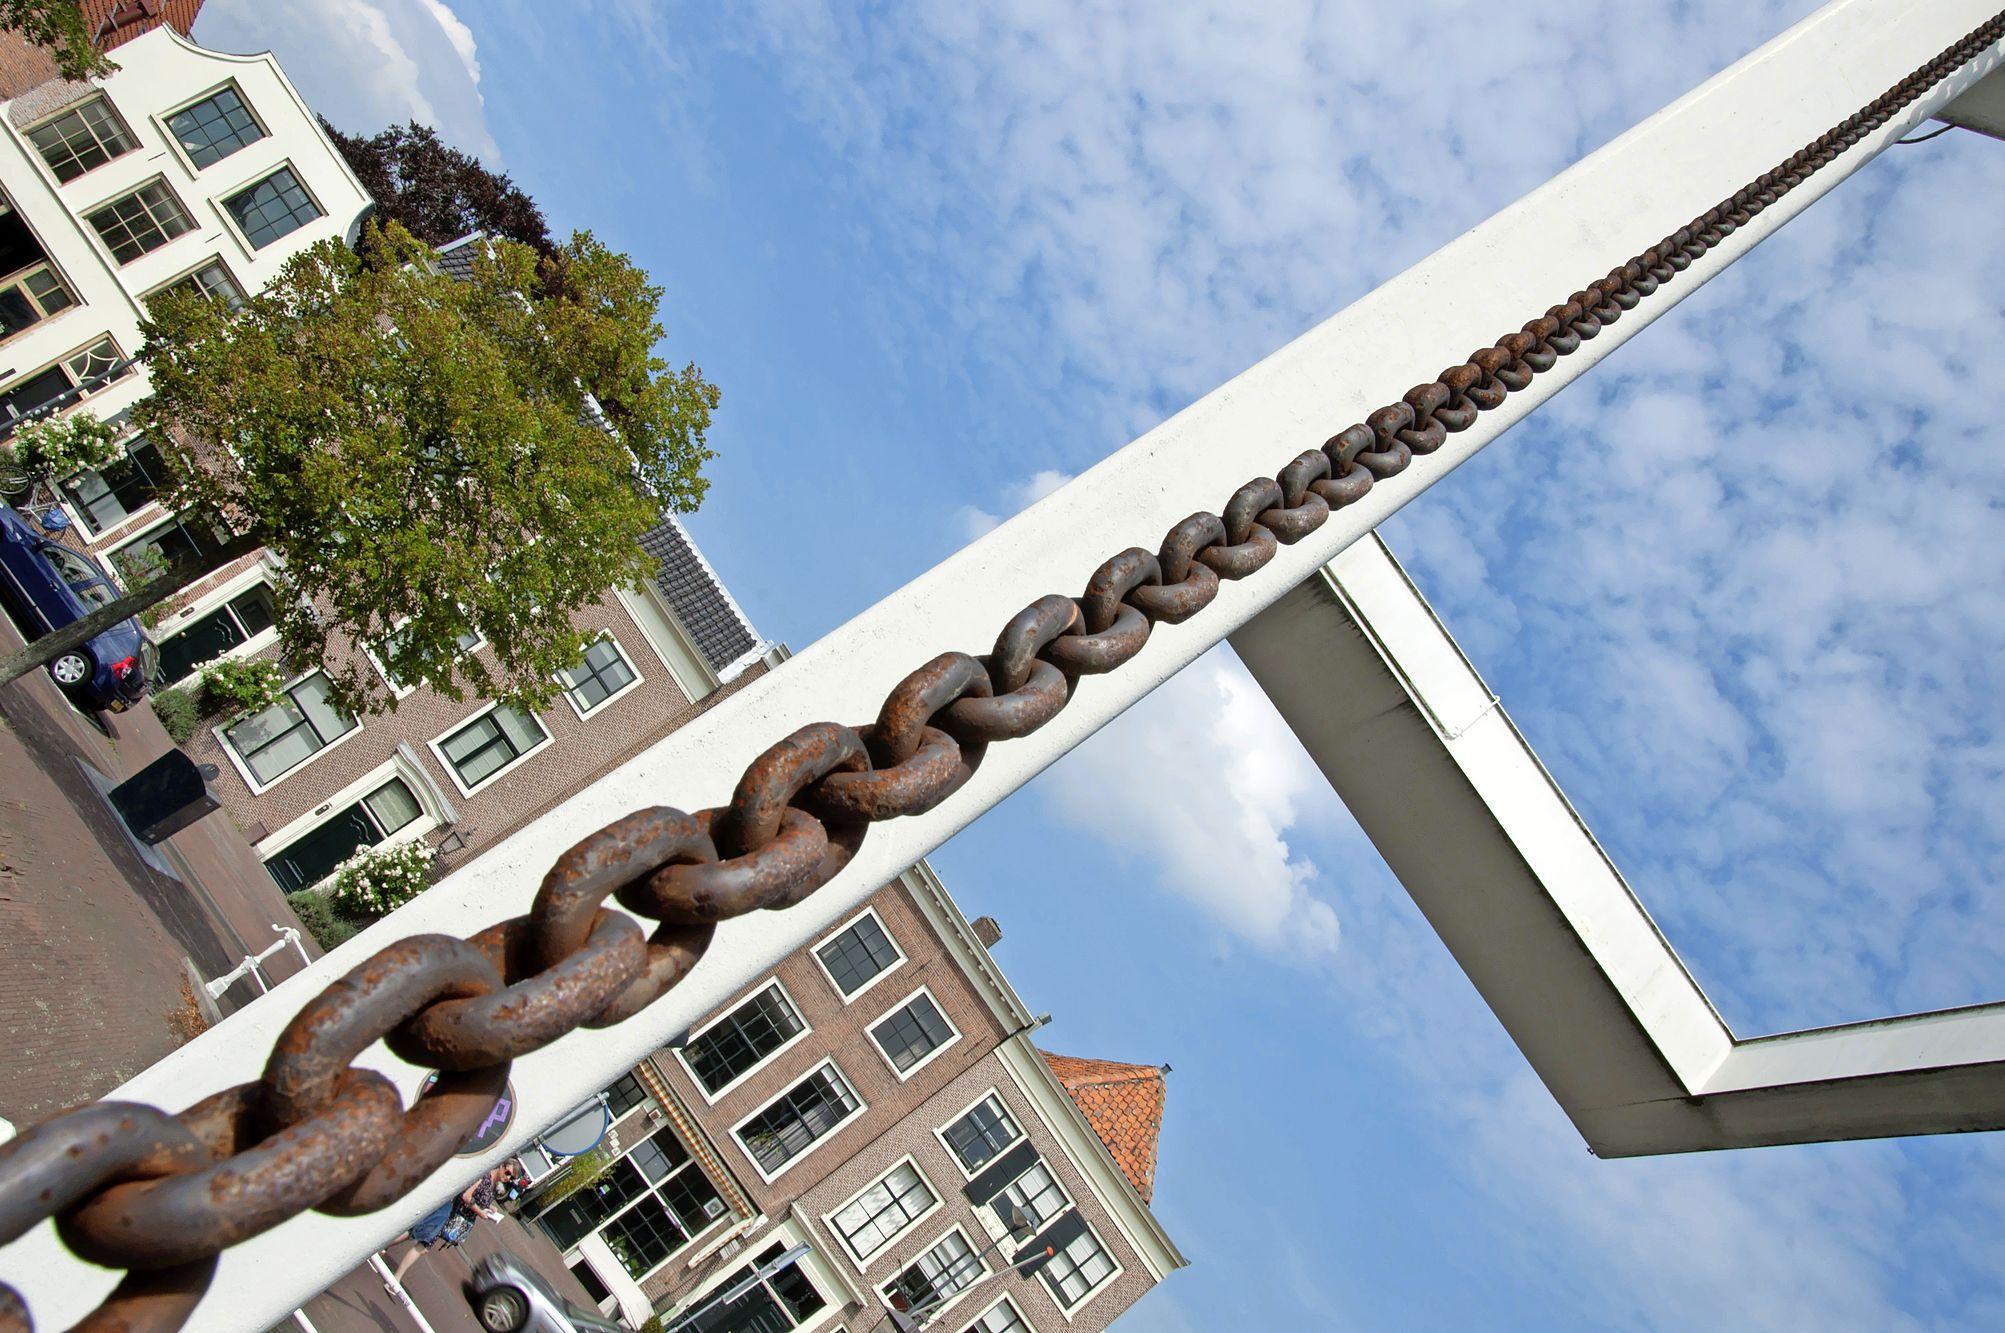 Eigenzinnige beelden van Fotogroep Haarlem in Noord-Hollands Archief. 'De uitdaging was om met andere ogen naar de stad te kijken'